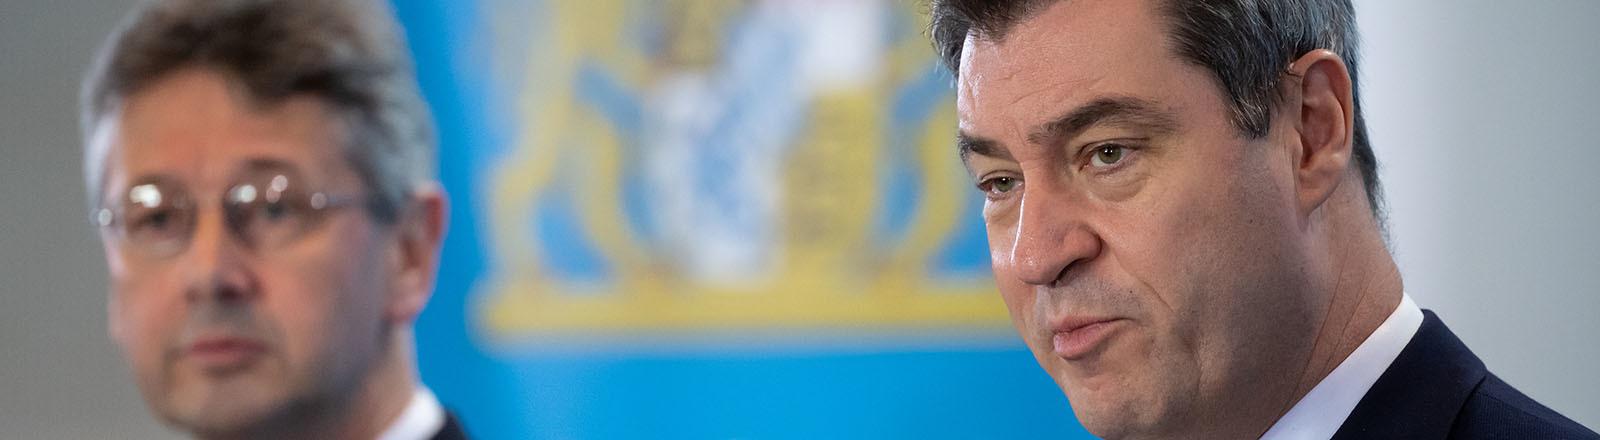 Markus Söder, CSU, Ministerpräsident Bayern, in der bayerischen Staatskanzlei am 13.03.2020